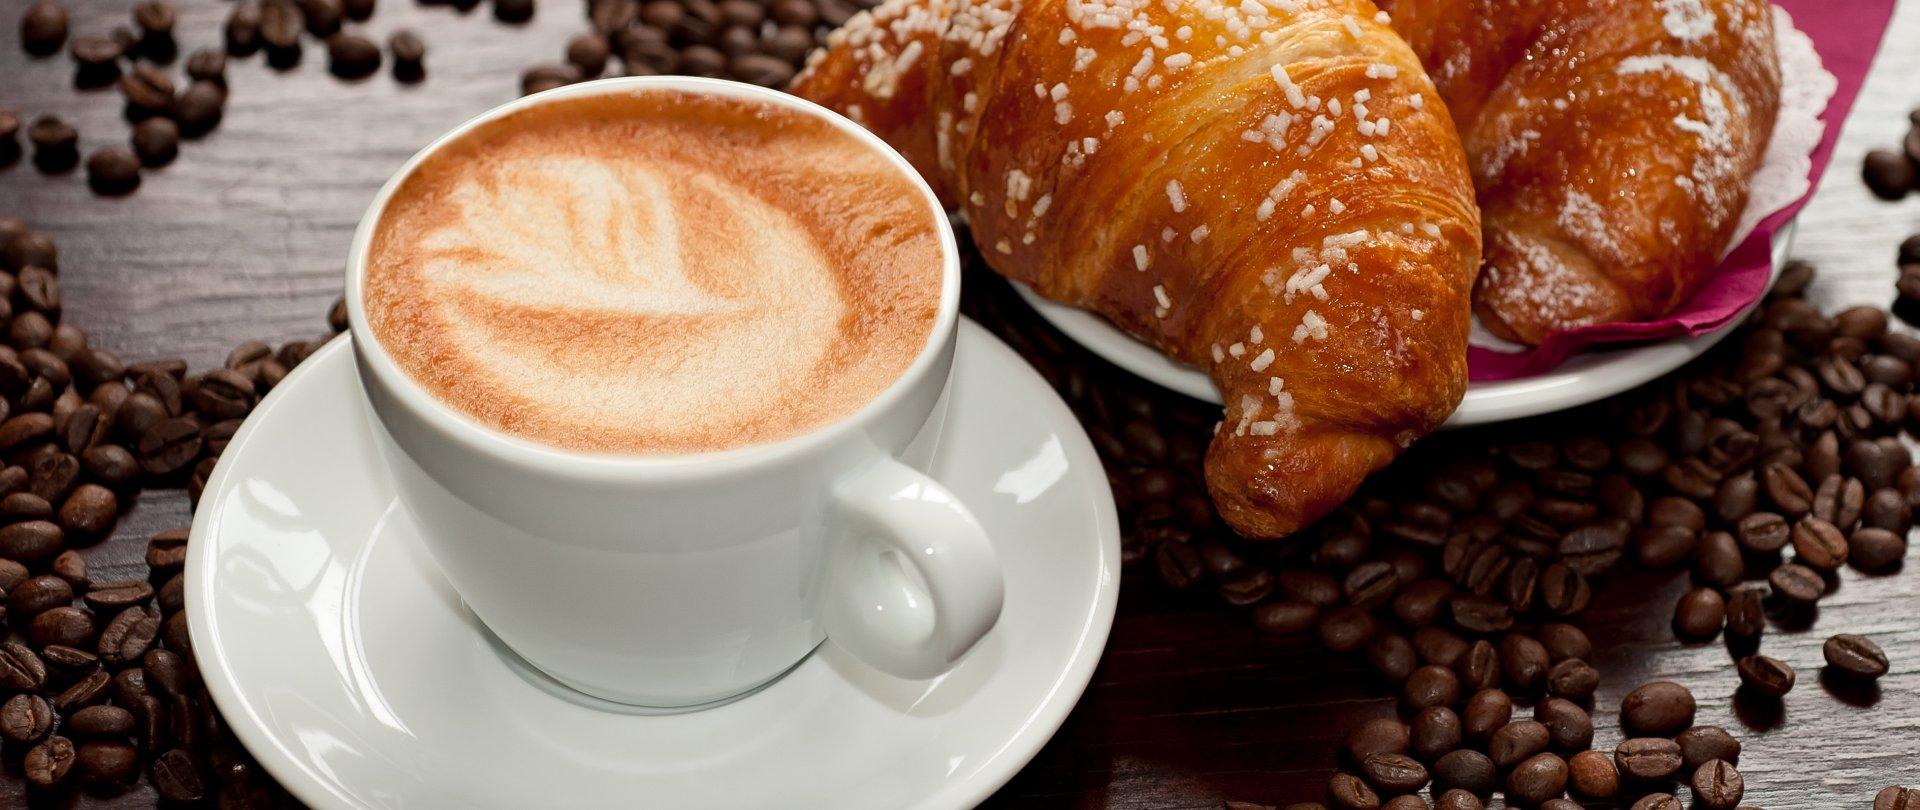 Angebot mit  Frühstück